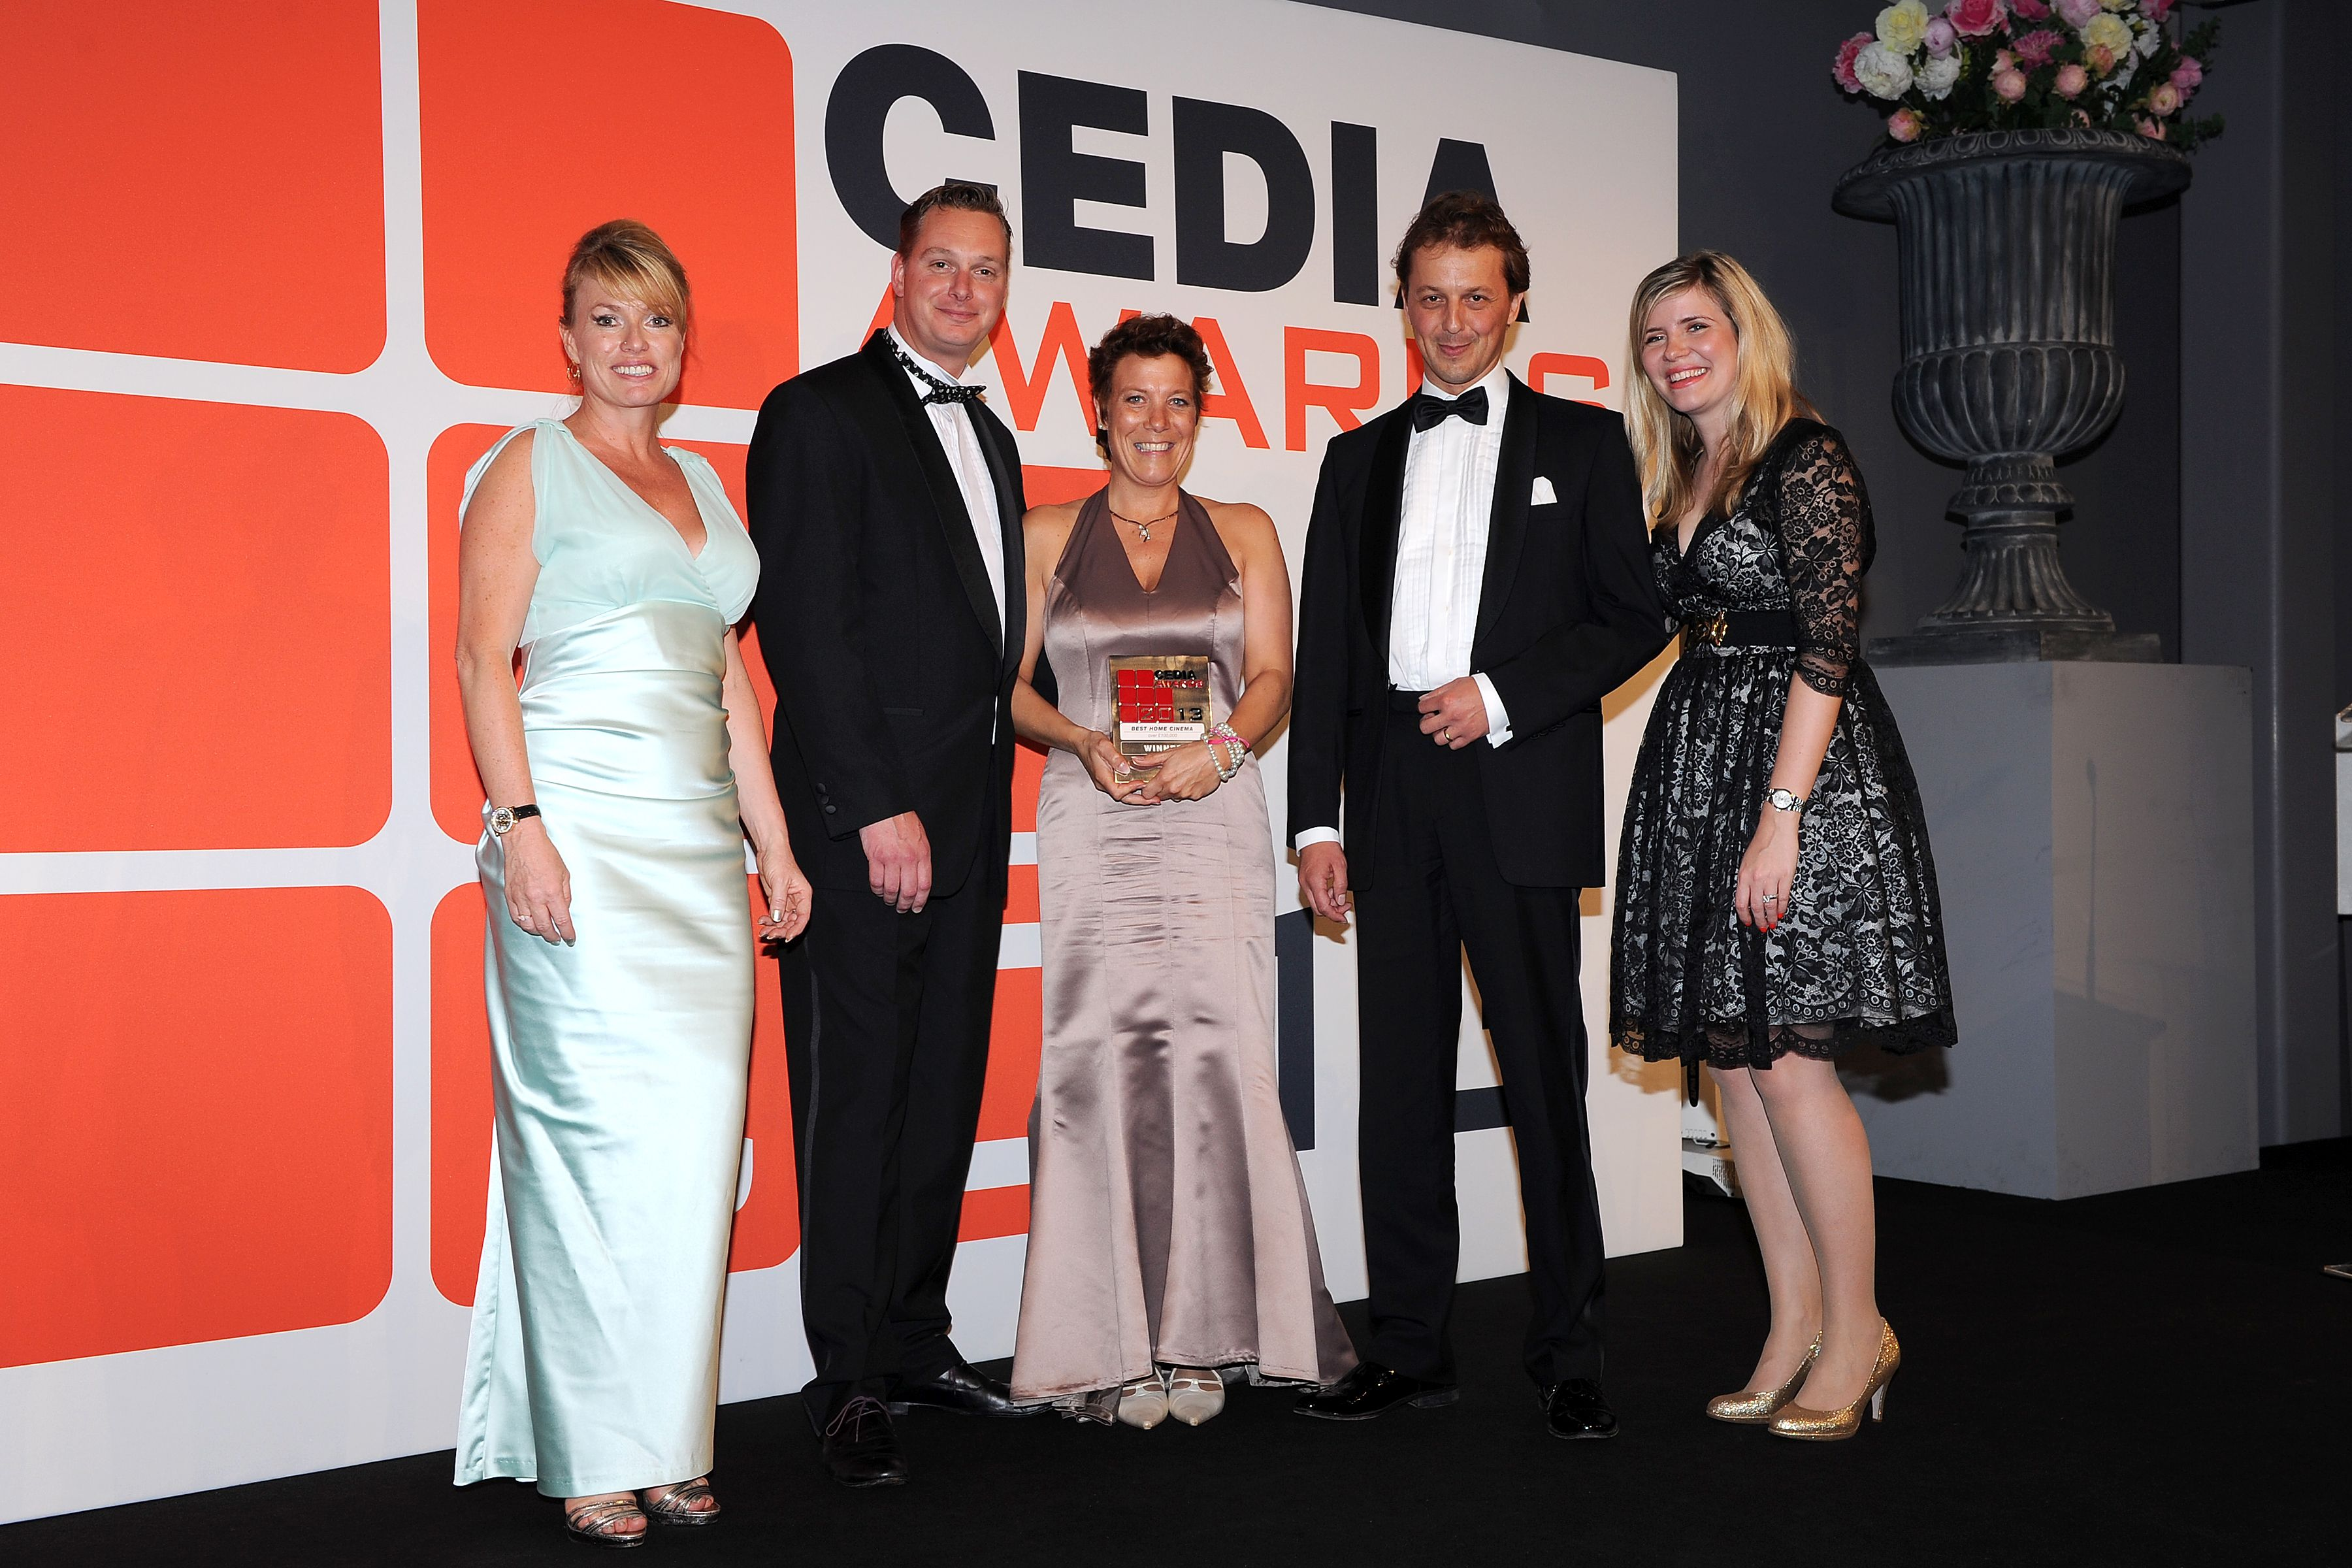 Cedia awards 2013 de opera domotica joint winner best home cinema